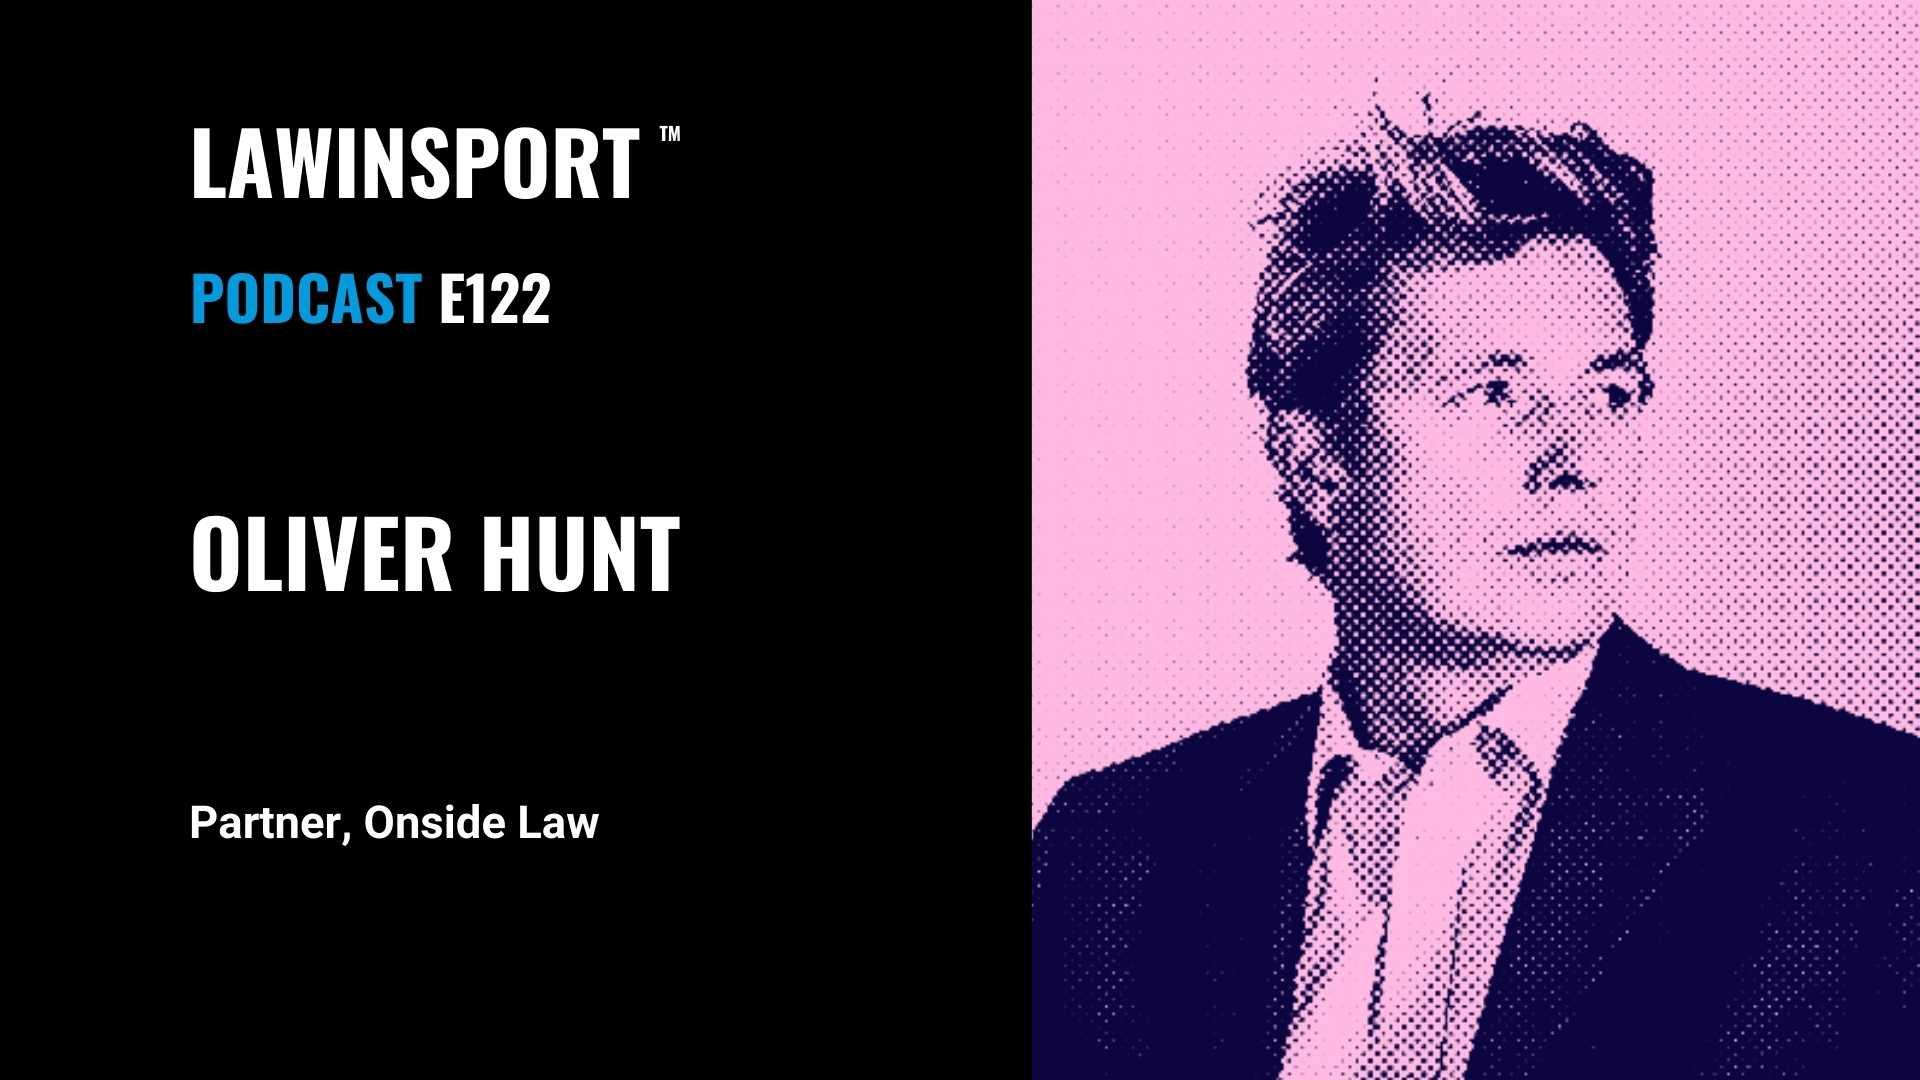 Oliver Hunt, Partner, Onside Law - E122